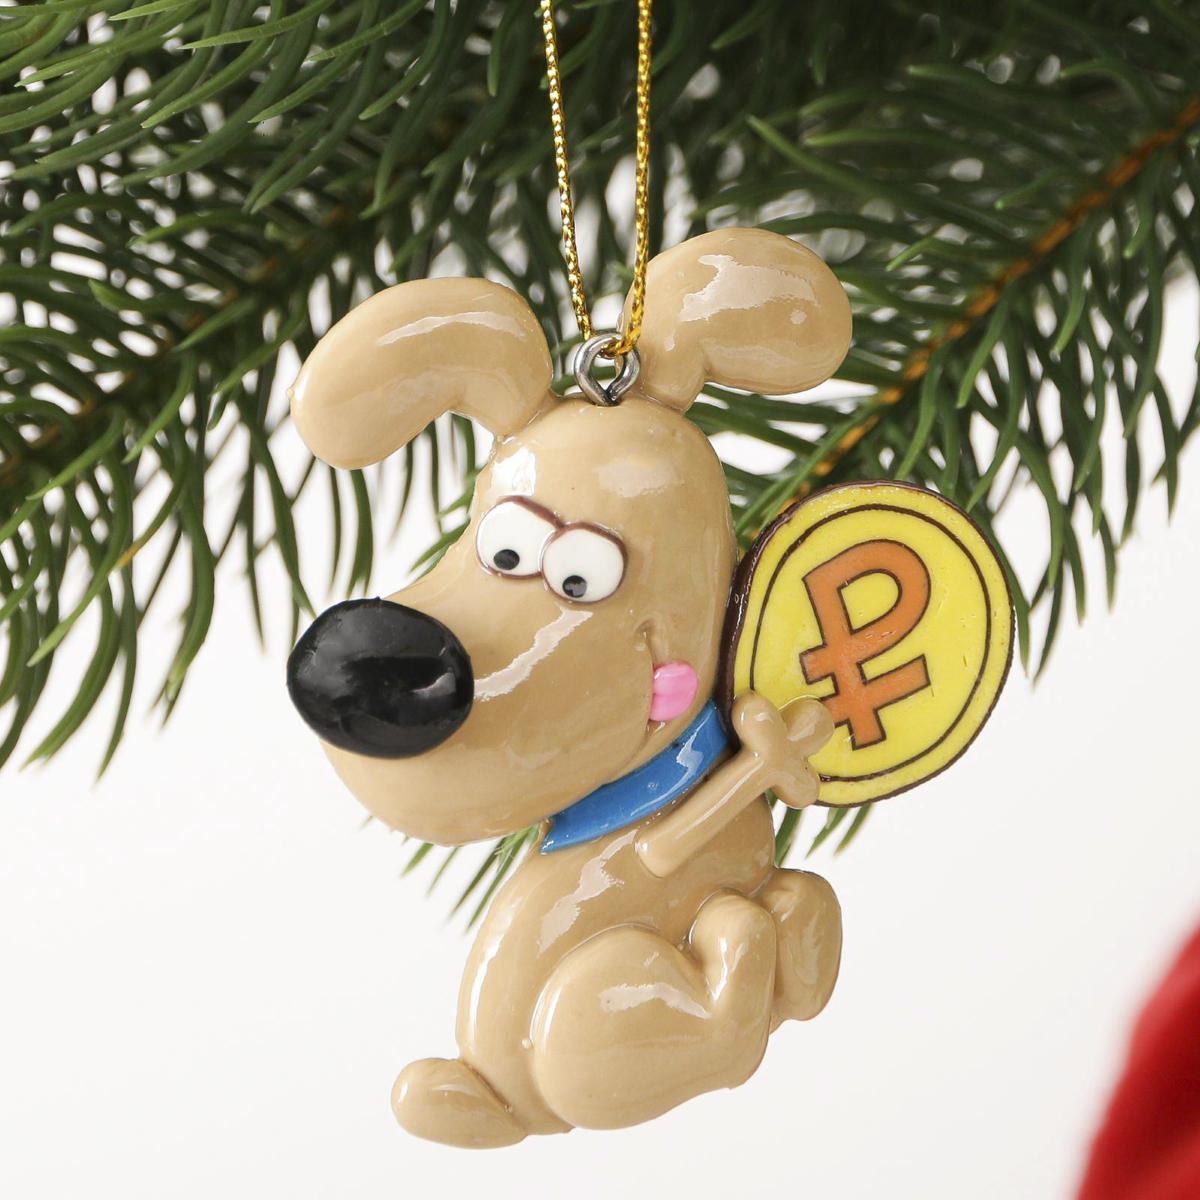 Украшение новогоднее подвесное Денежного года, 6 х 6,5 см2323285Новогоднее украшение, выполненное из полирезина, отлично подойдет для декорации вашего дома и новогодней ели. С помощью специальной петельки украшение можно повесить в любом понравившемся вам месте. Но, конечно, удачнее всего оно будет смотреться на праздничной елке.Елочная игрушка - символ Нового года. Она несет в себе волшебство и красоту праздника. Такое украшение создаст в вашем доме атмосферу праздника, веселья и радости.